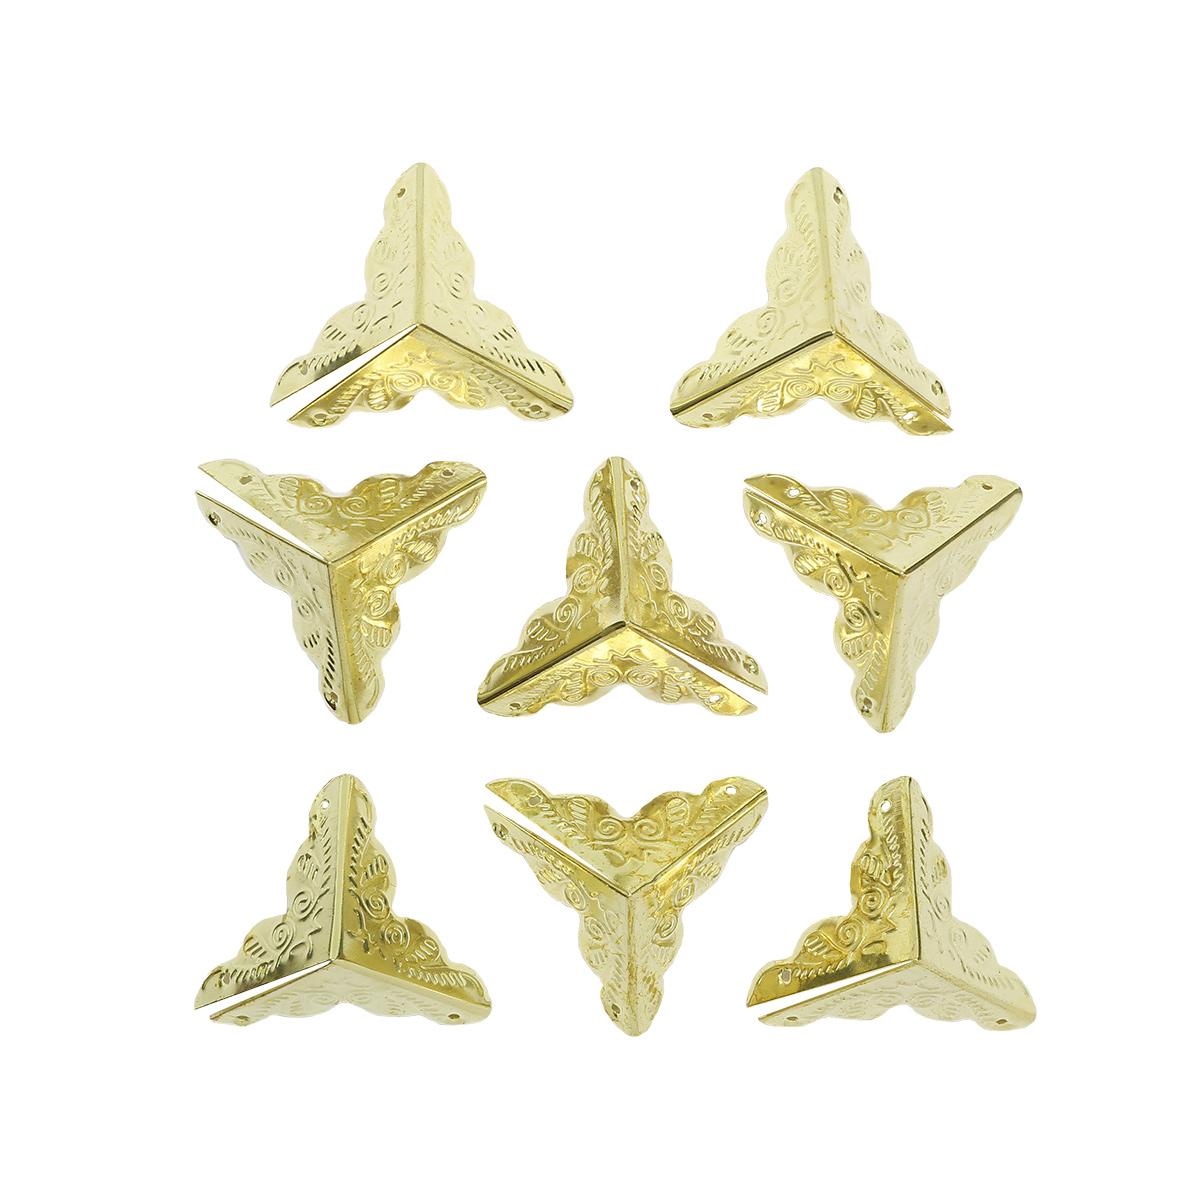 Уголок декоративный для шкатулок 25*25мм, 8шт золото